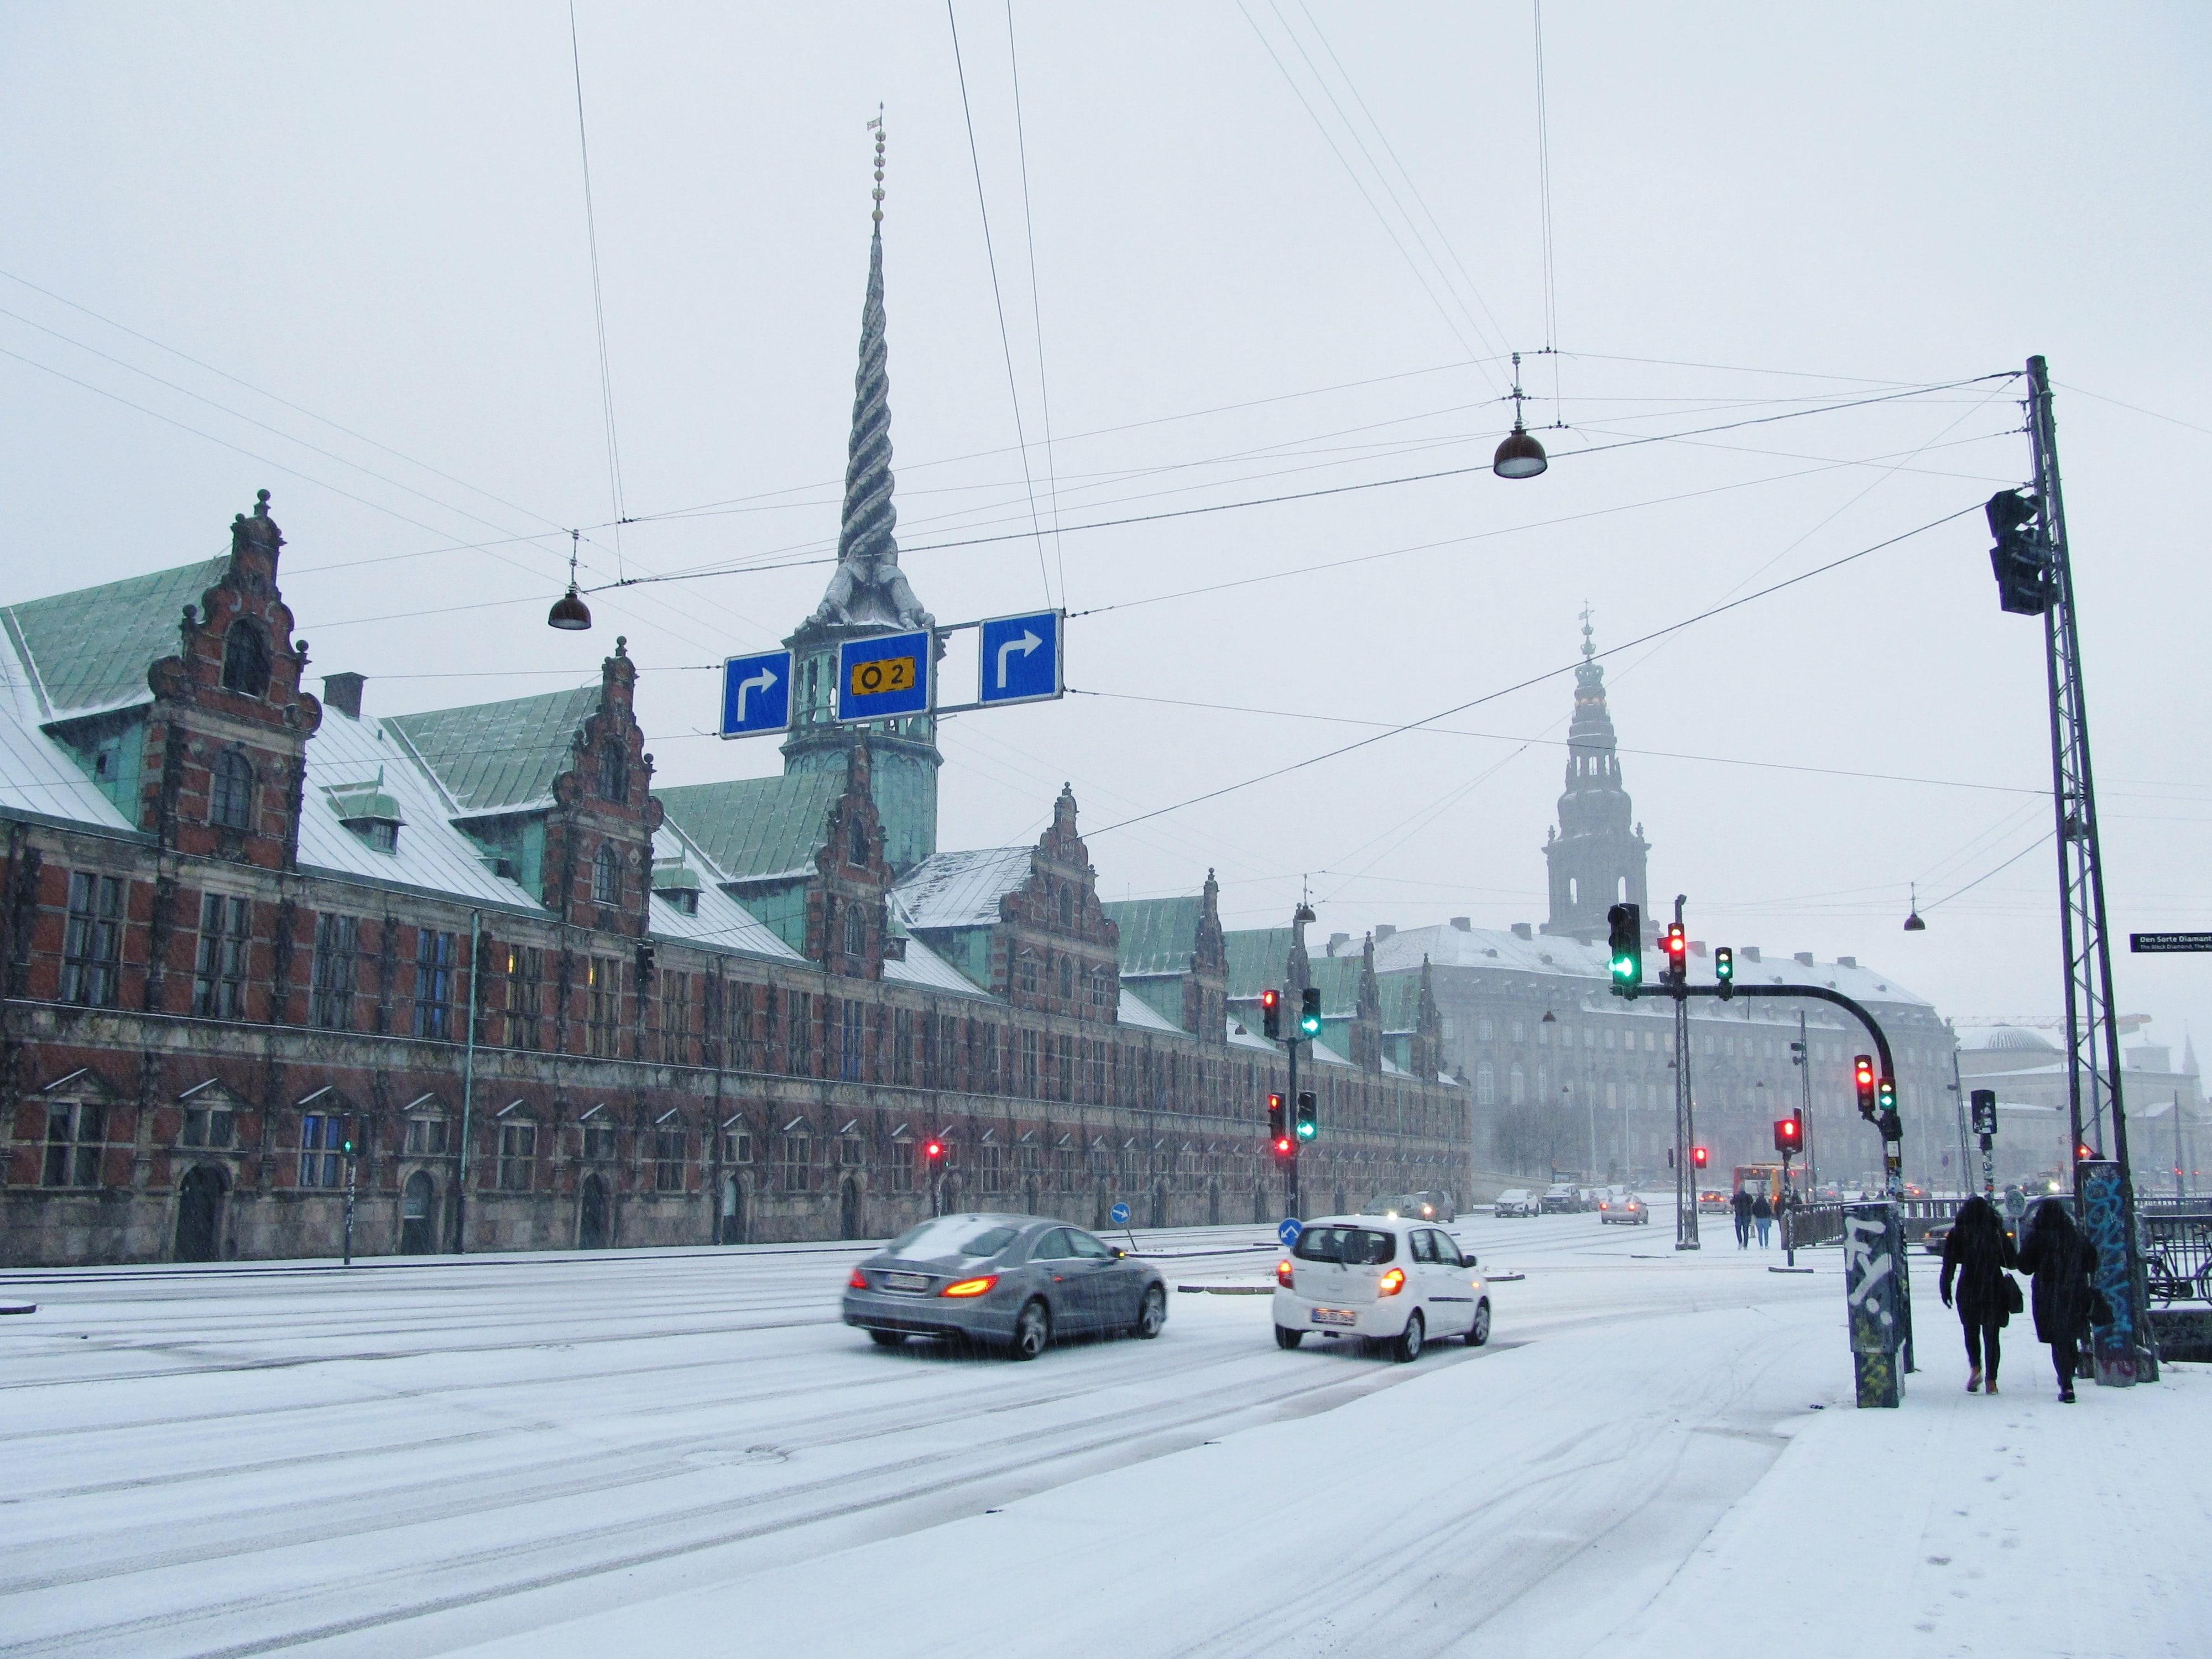 Balade hivernale à Copenhague